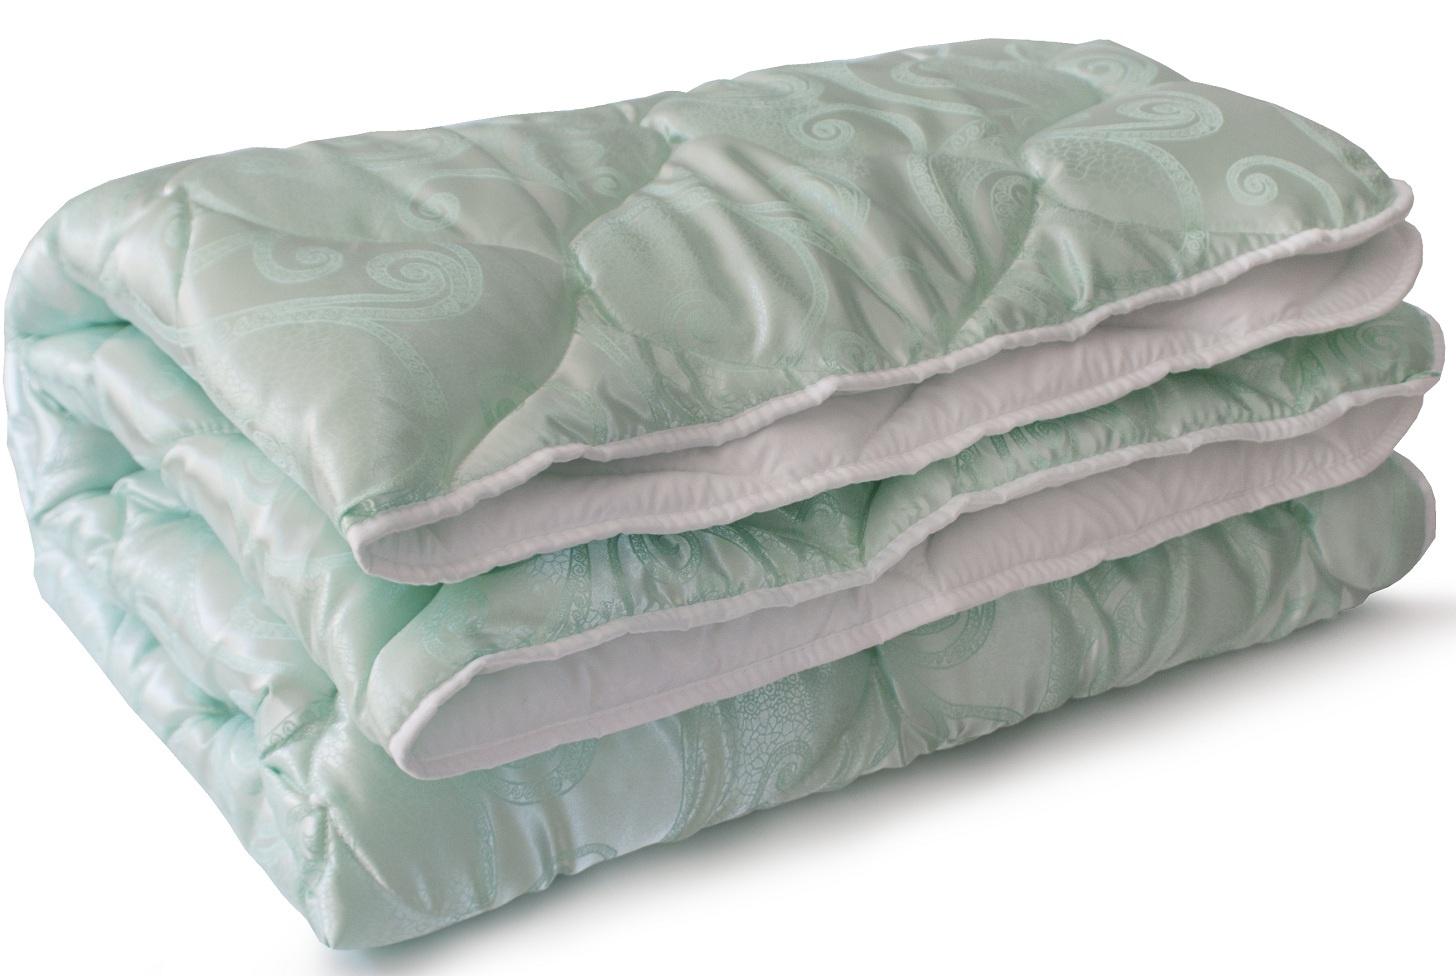 Одеяло Мягкий Сон Версаль стеганое, цвет: мятный, 200 х 220 см цена